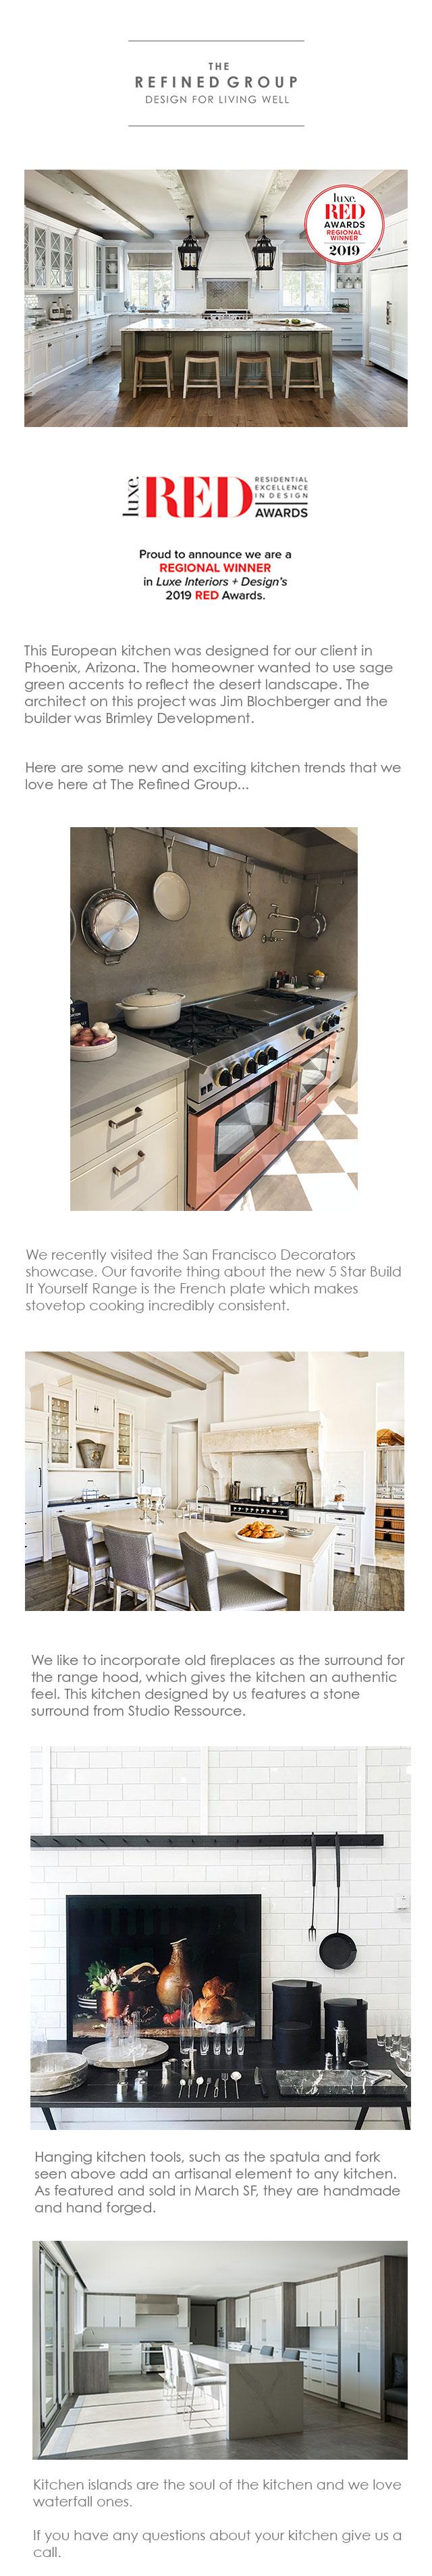 Kitchen-Trends-Blog-Post.jpg